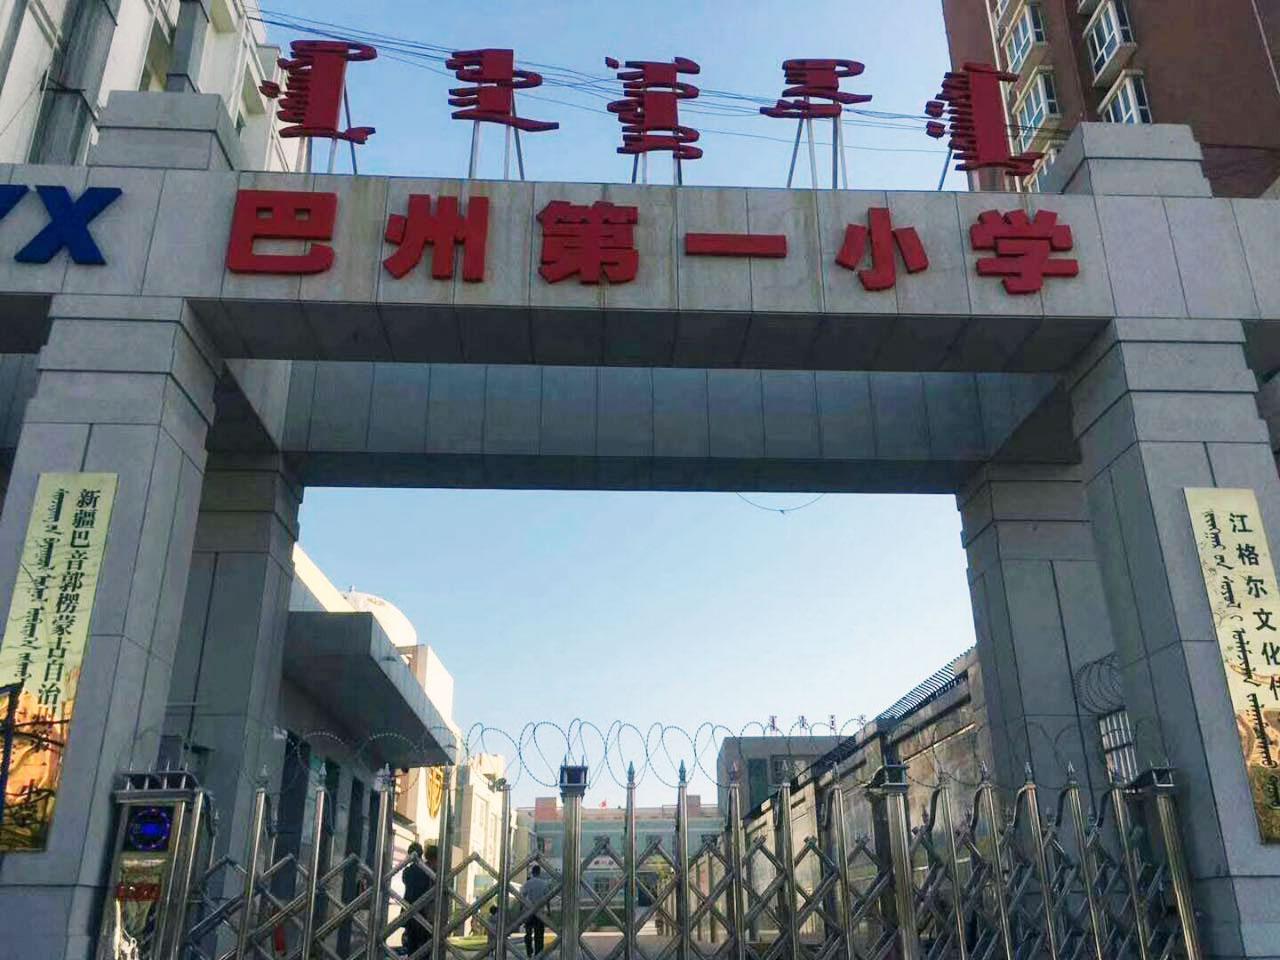 新疆巴州蒙古族学校被摘牌 引发海内外蒙古人抗议